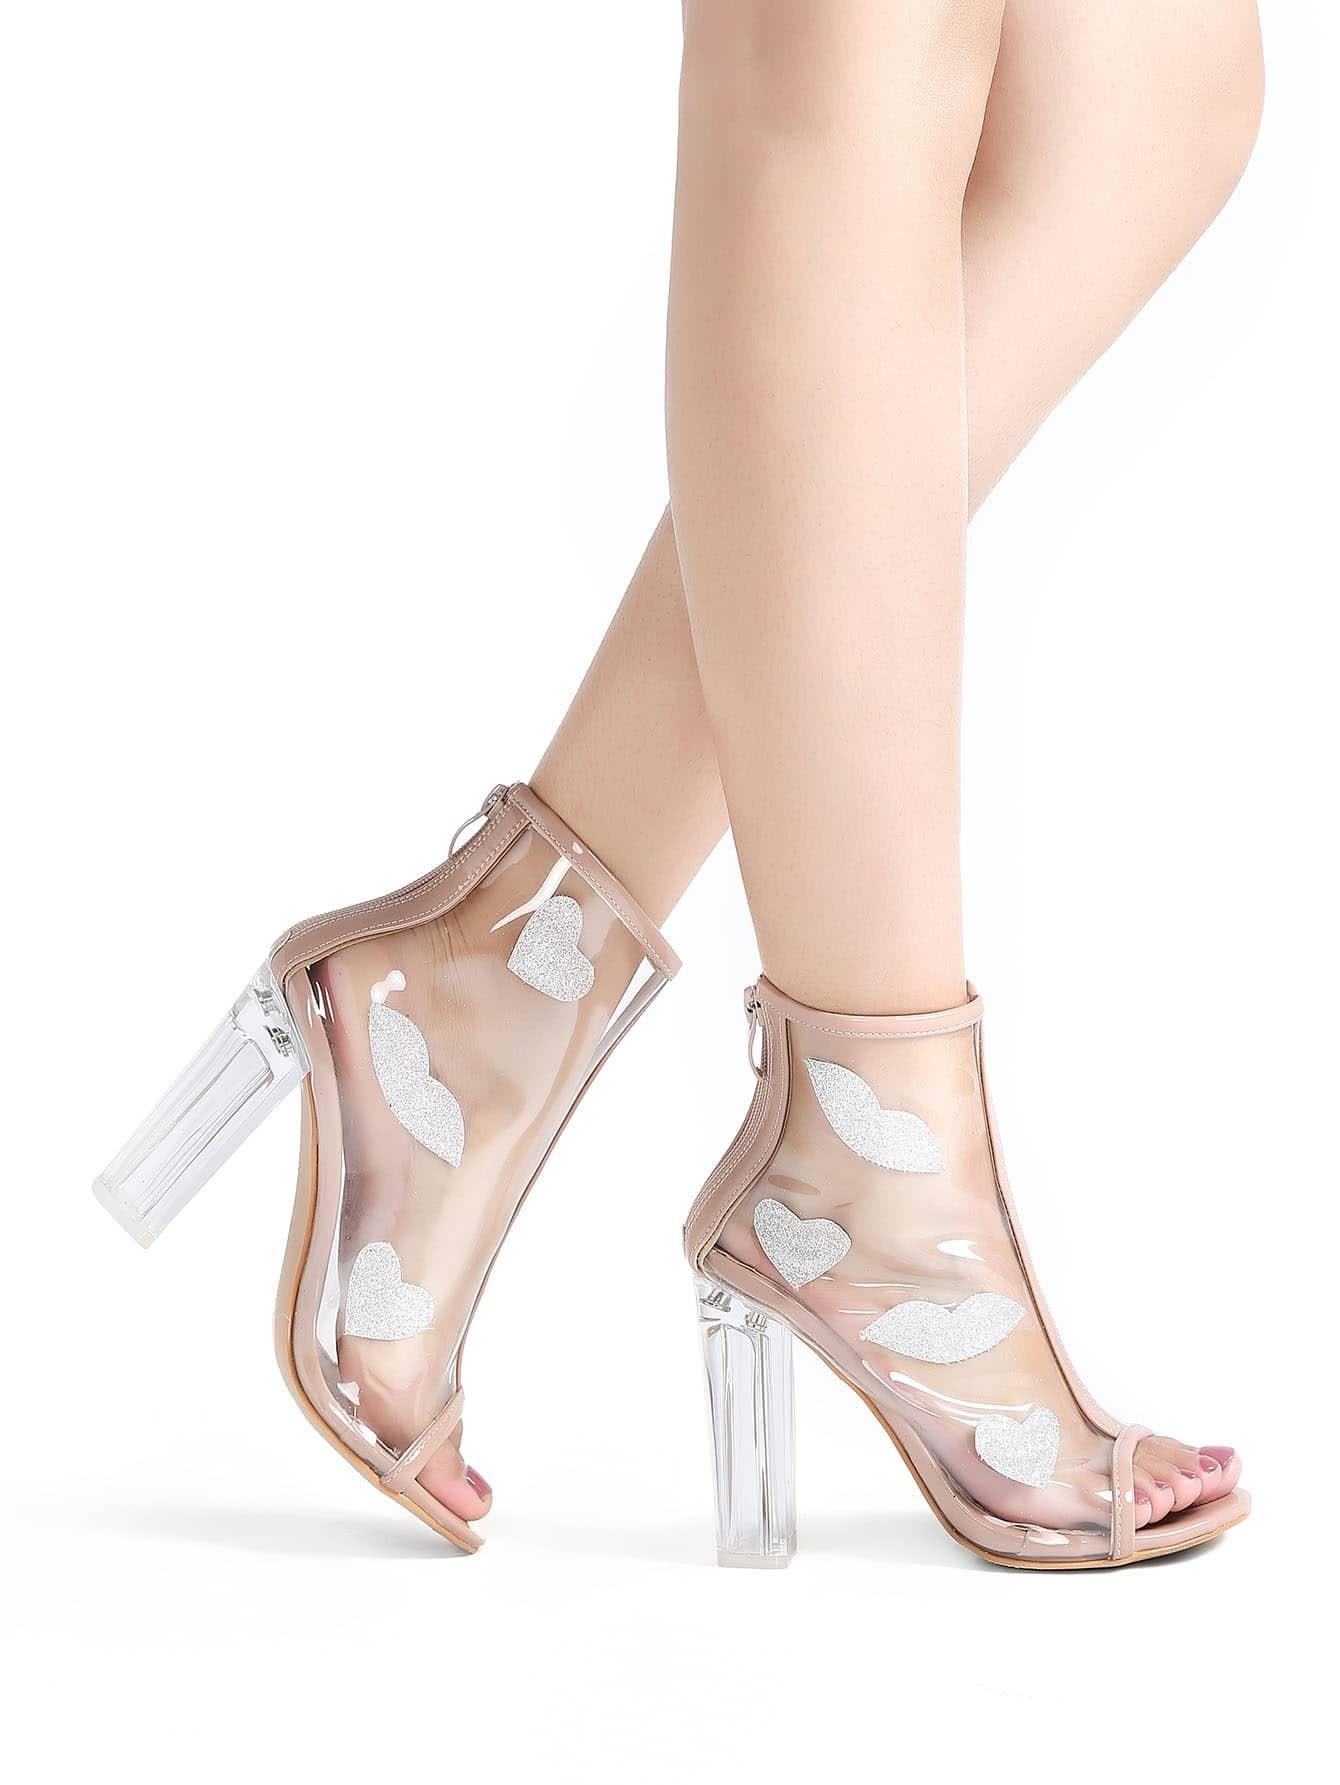 shoes170308804_2